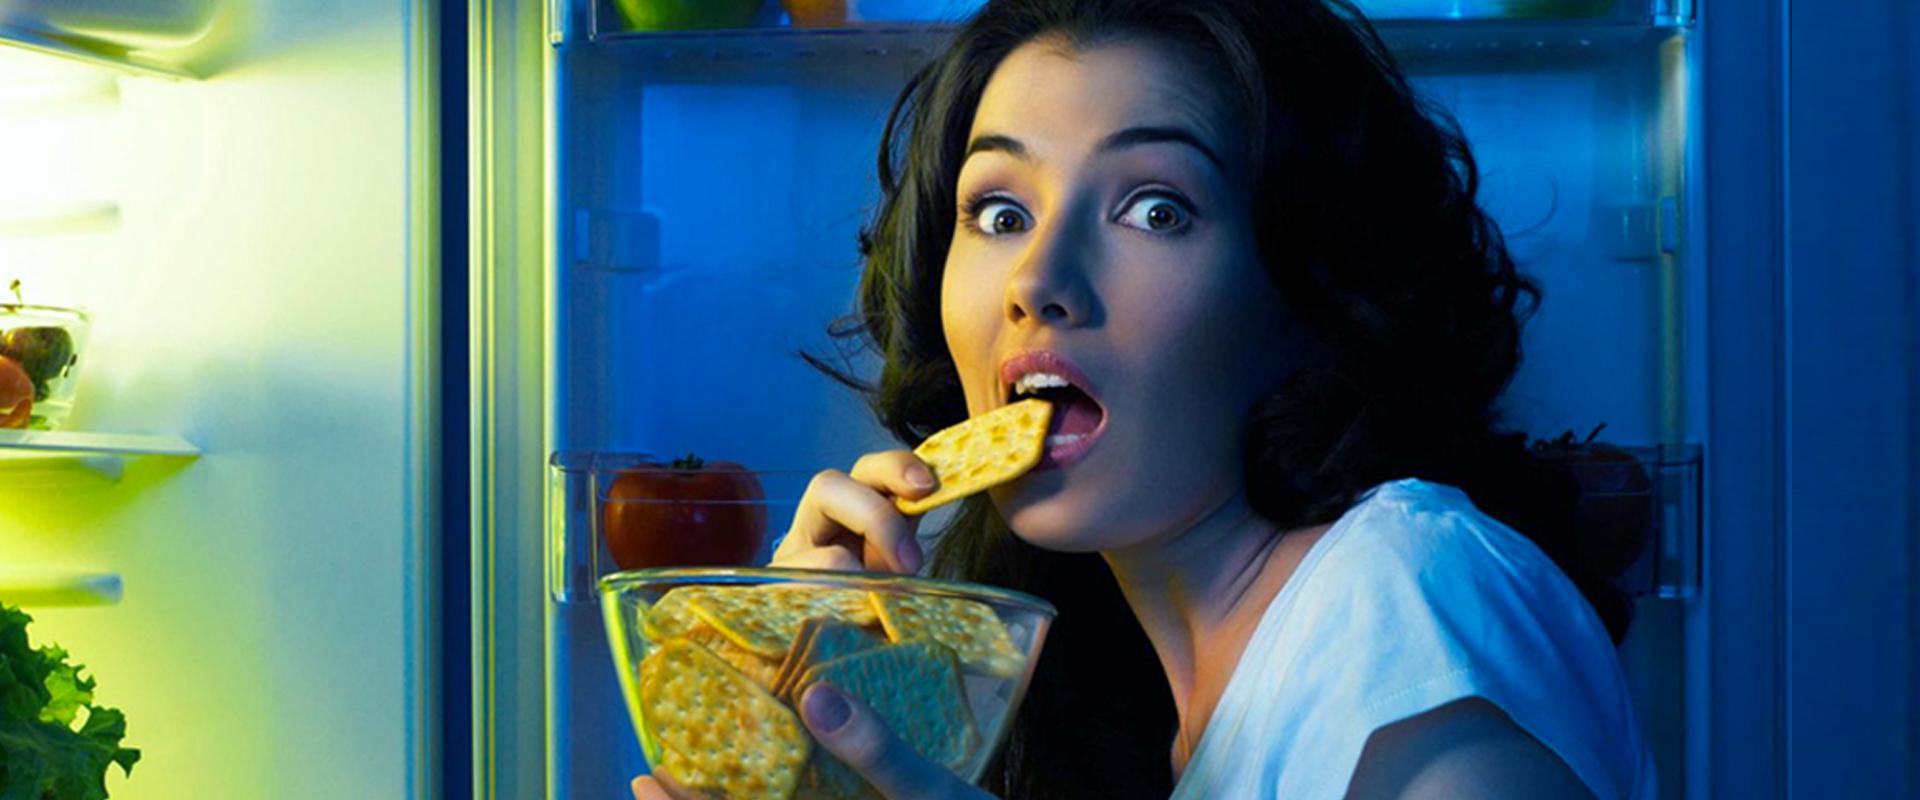 5 Alimentos para dormir bien